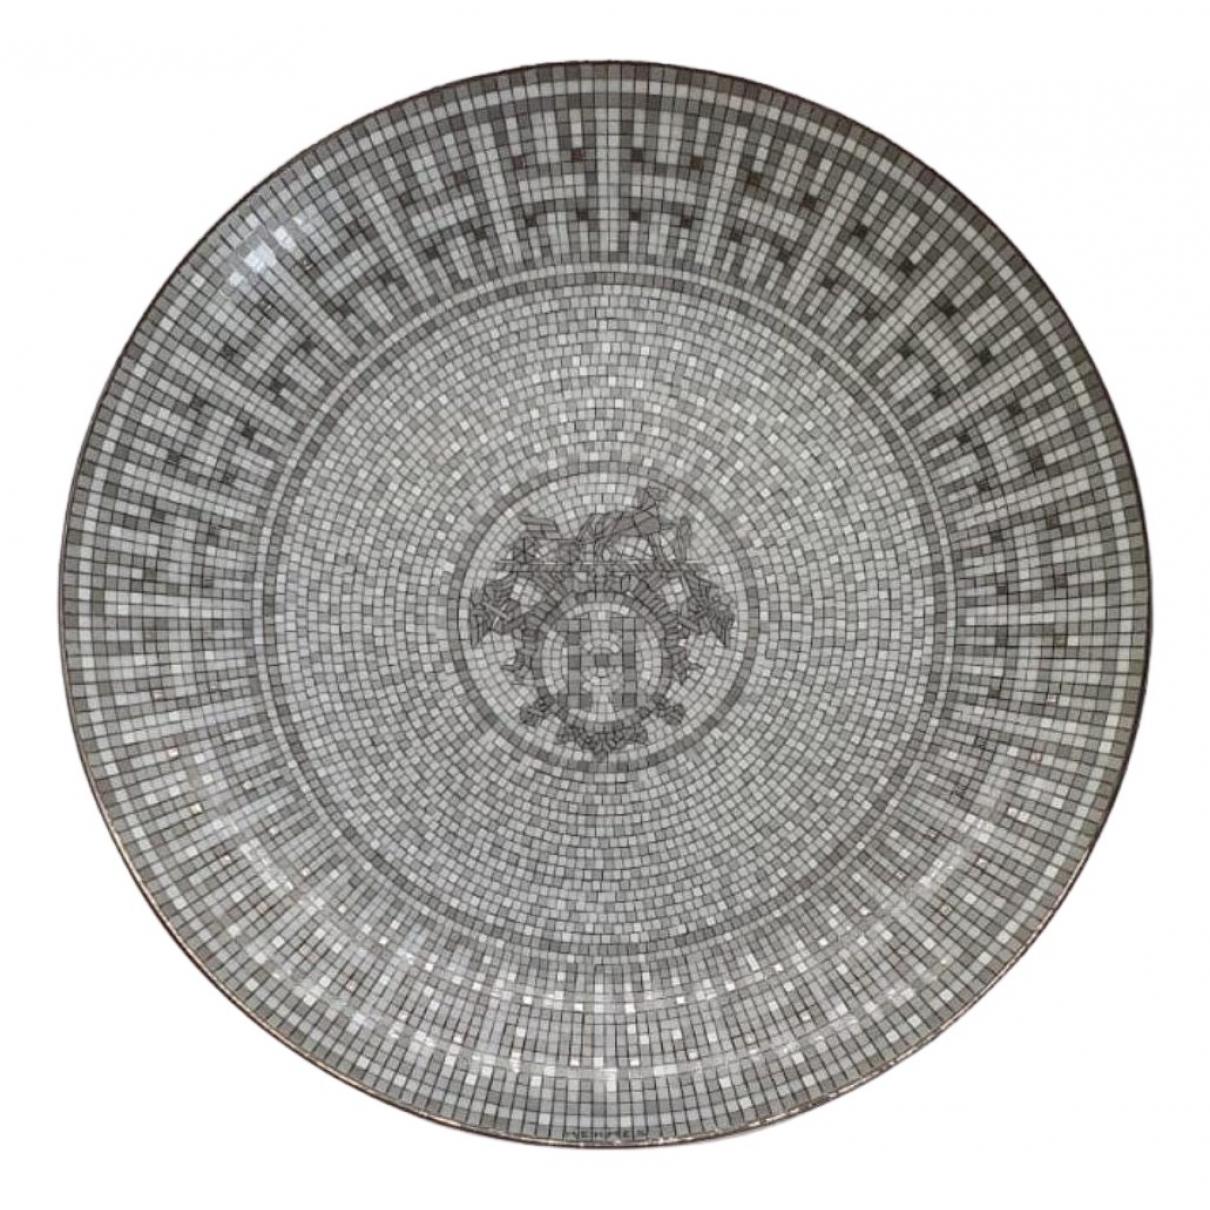 Hermes - Arts de la table Mosaique au 24 pour lifestyle en porcelaine - argente